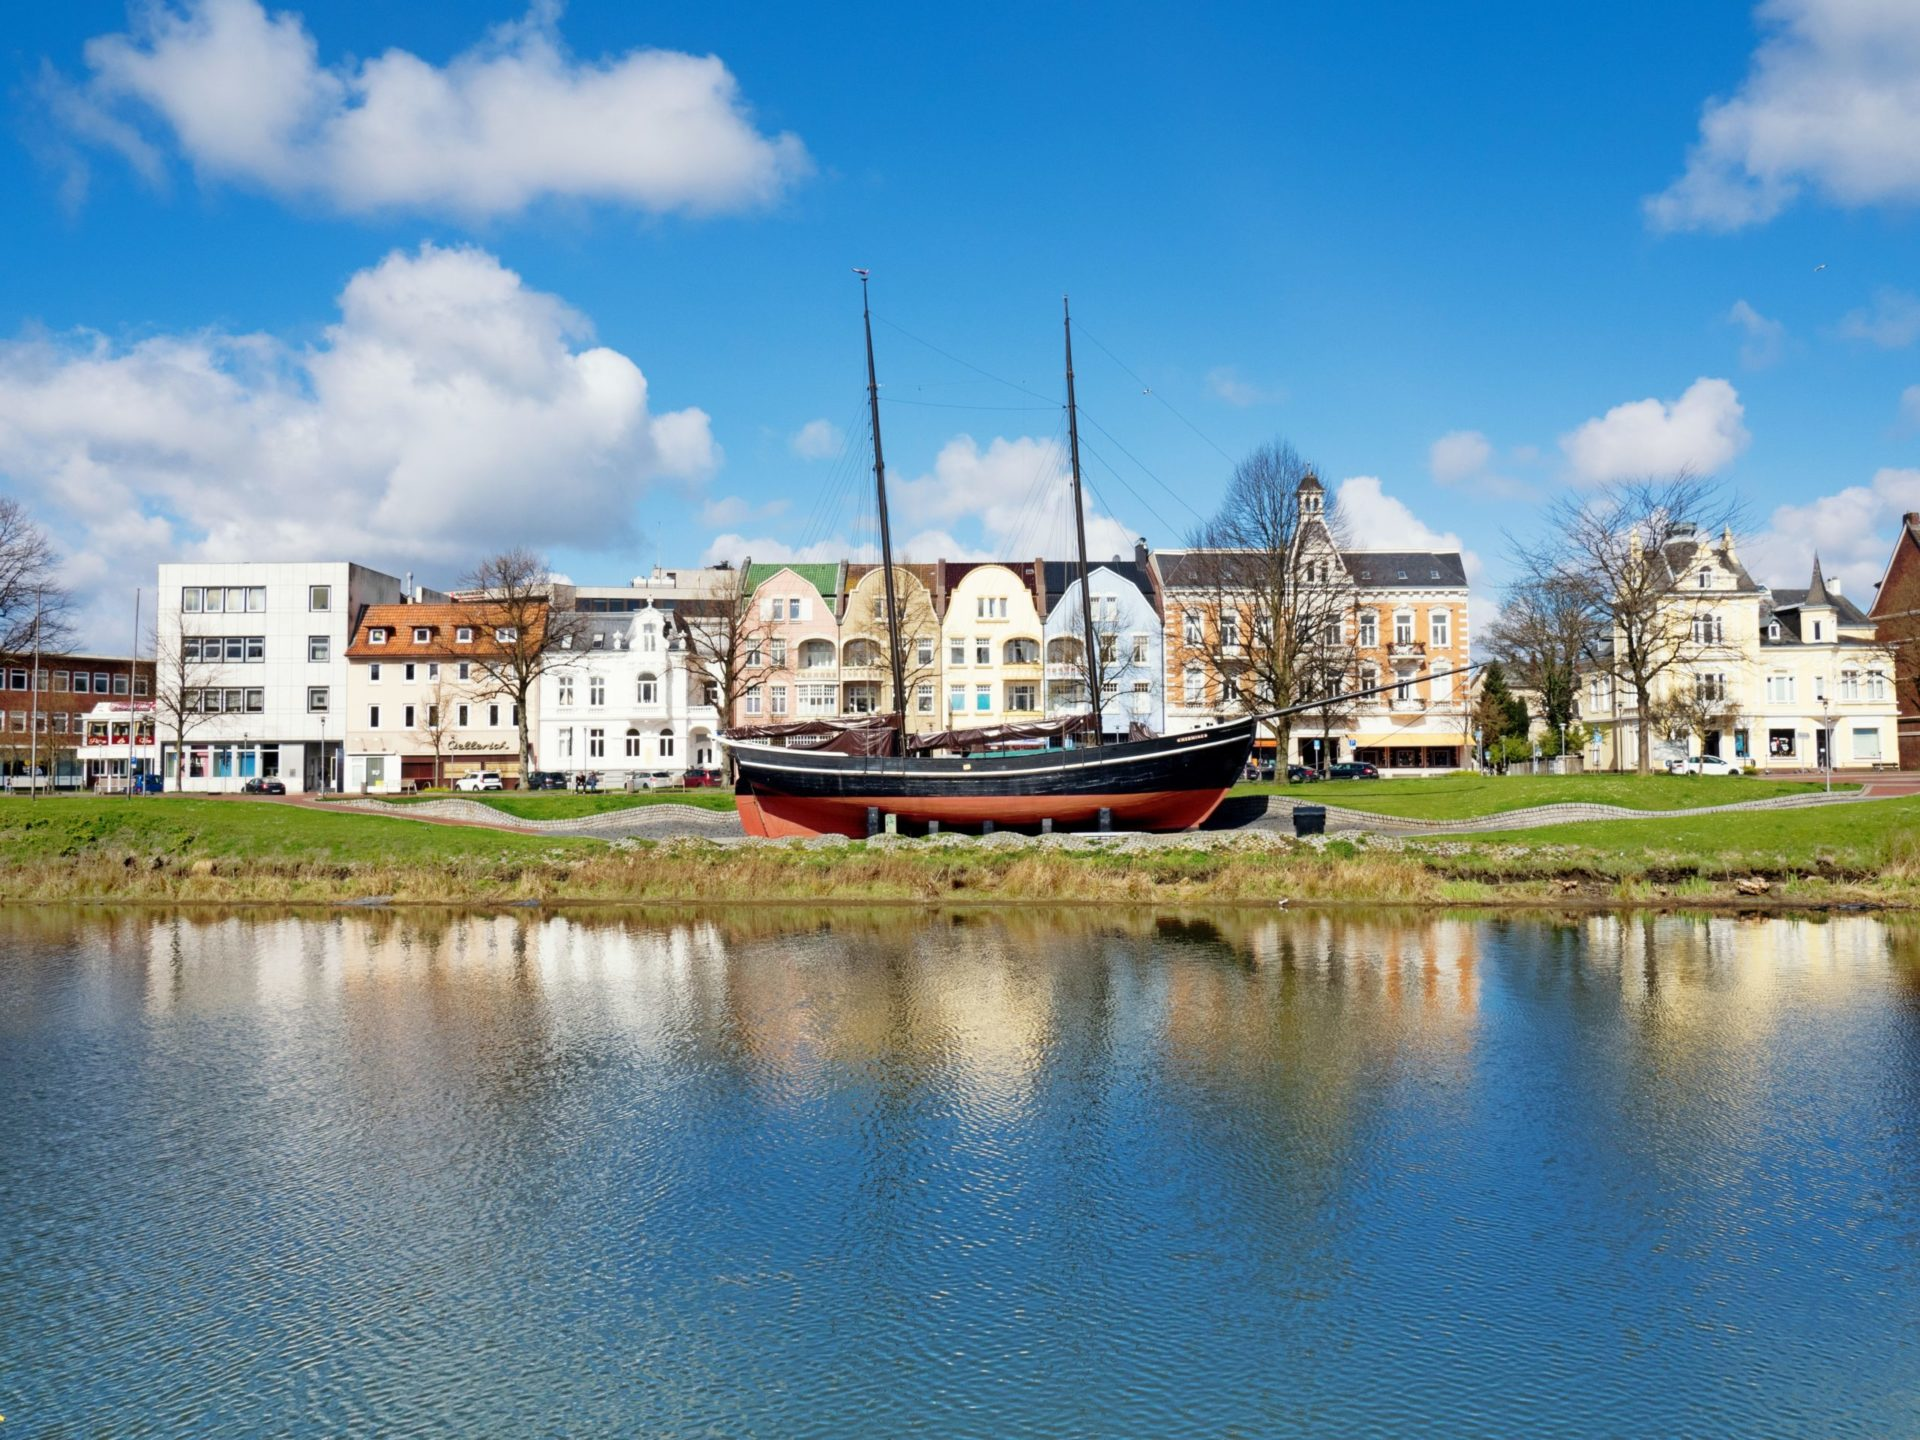 Wassertemperatur Cuxhaven: Gaffelschoner Hermine (Schiff) aus Holz am Schleusenpriel